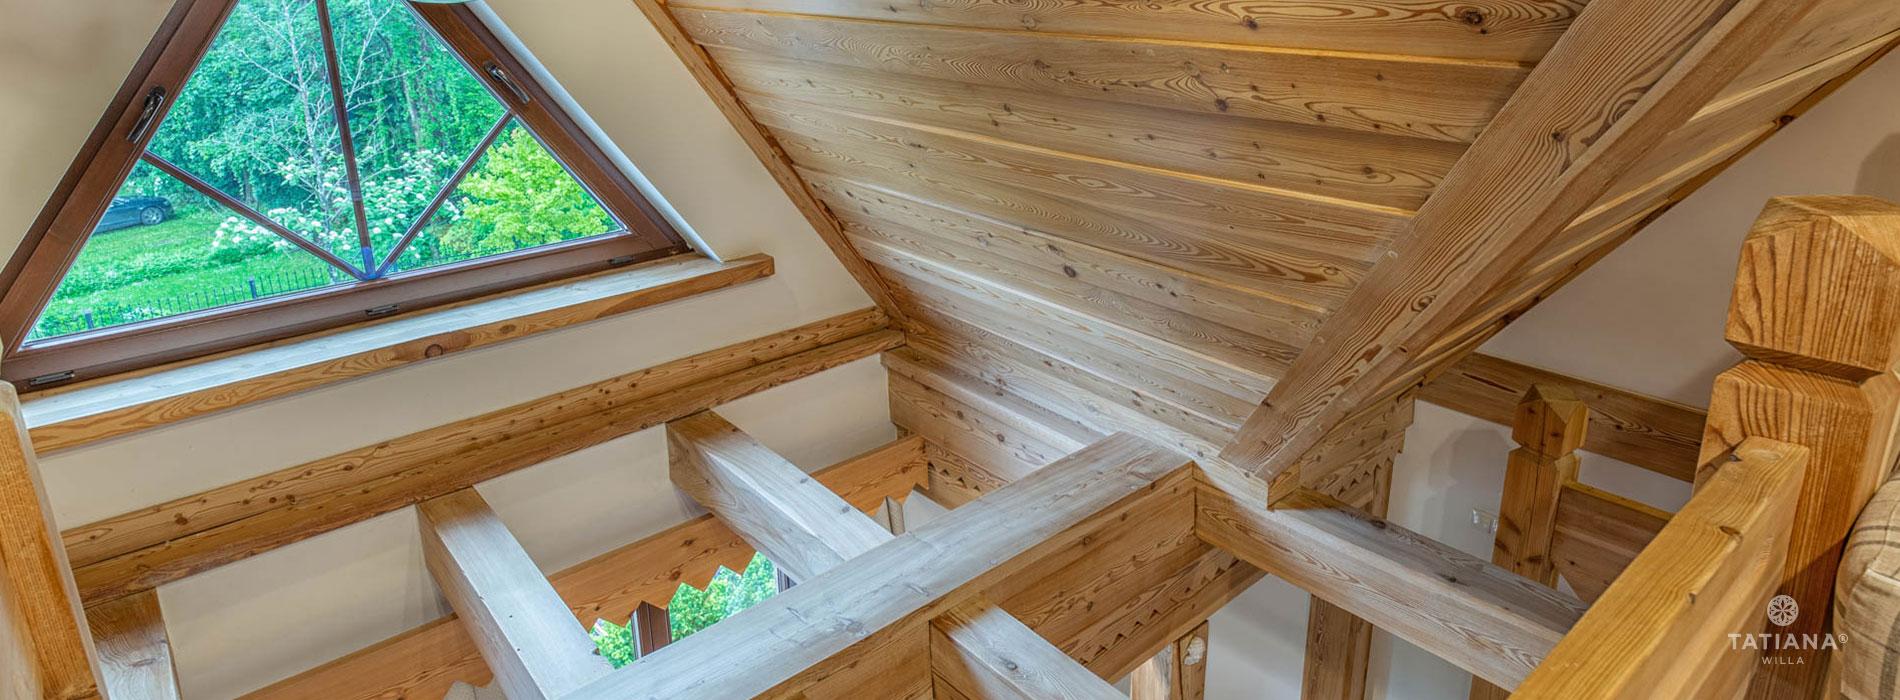 Apartment Premium 8 - Mezzanine